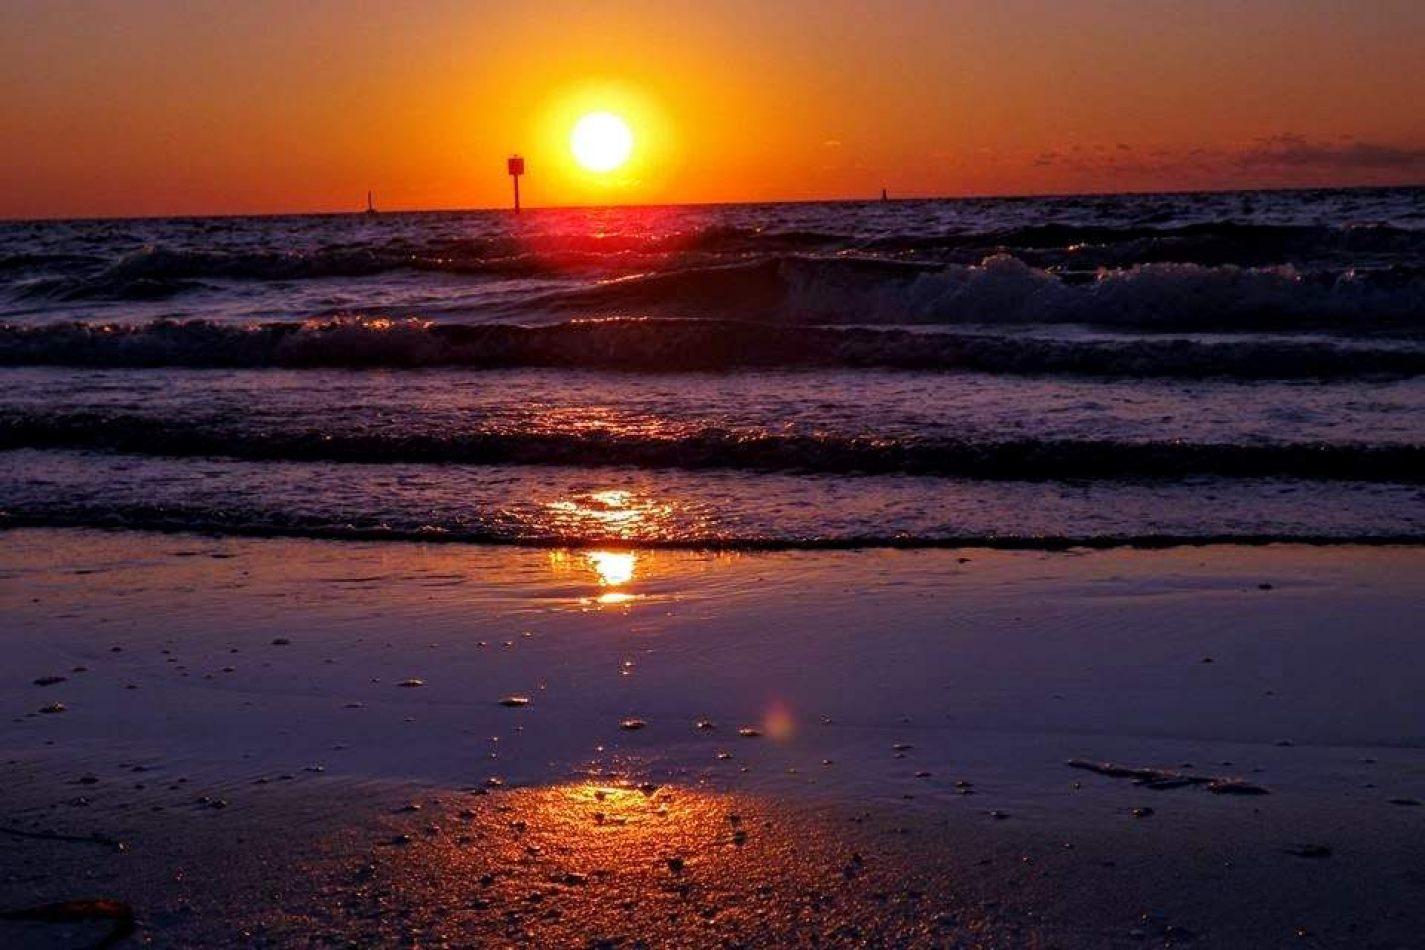 Hibiscus & Nomada : Florida - Voted Best Sunset in Florida